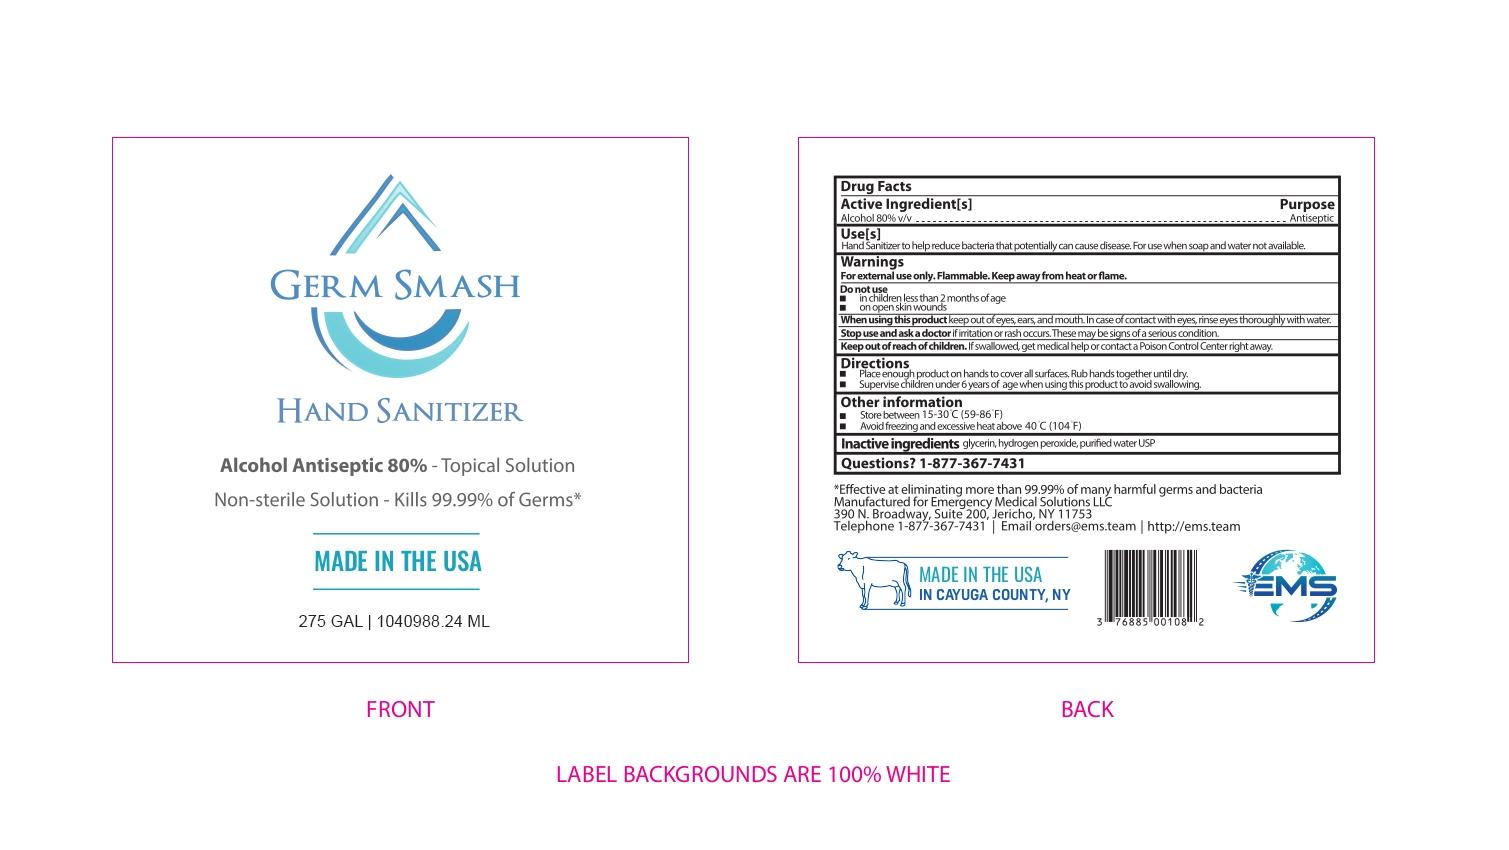 USA Germ Smash 1040988.24ml